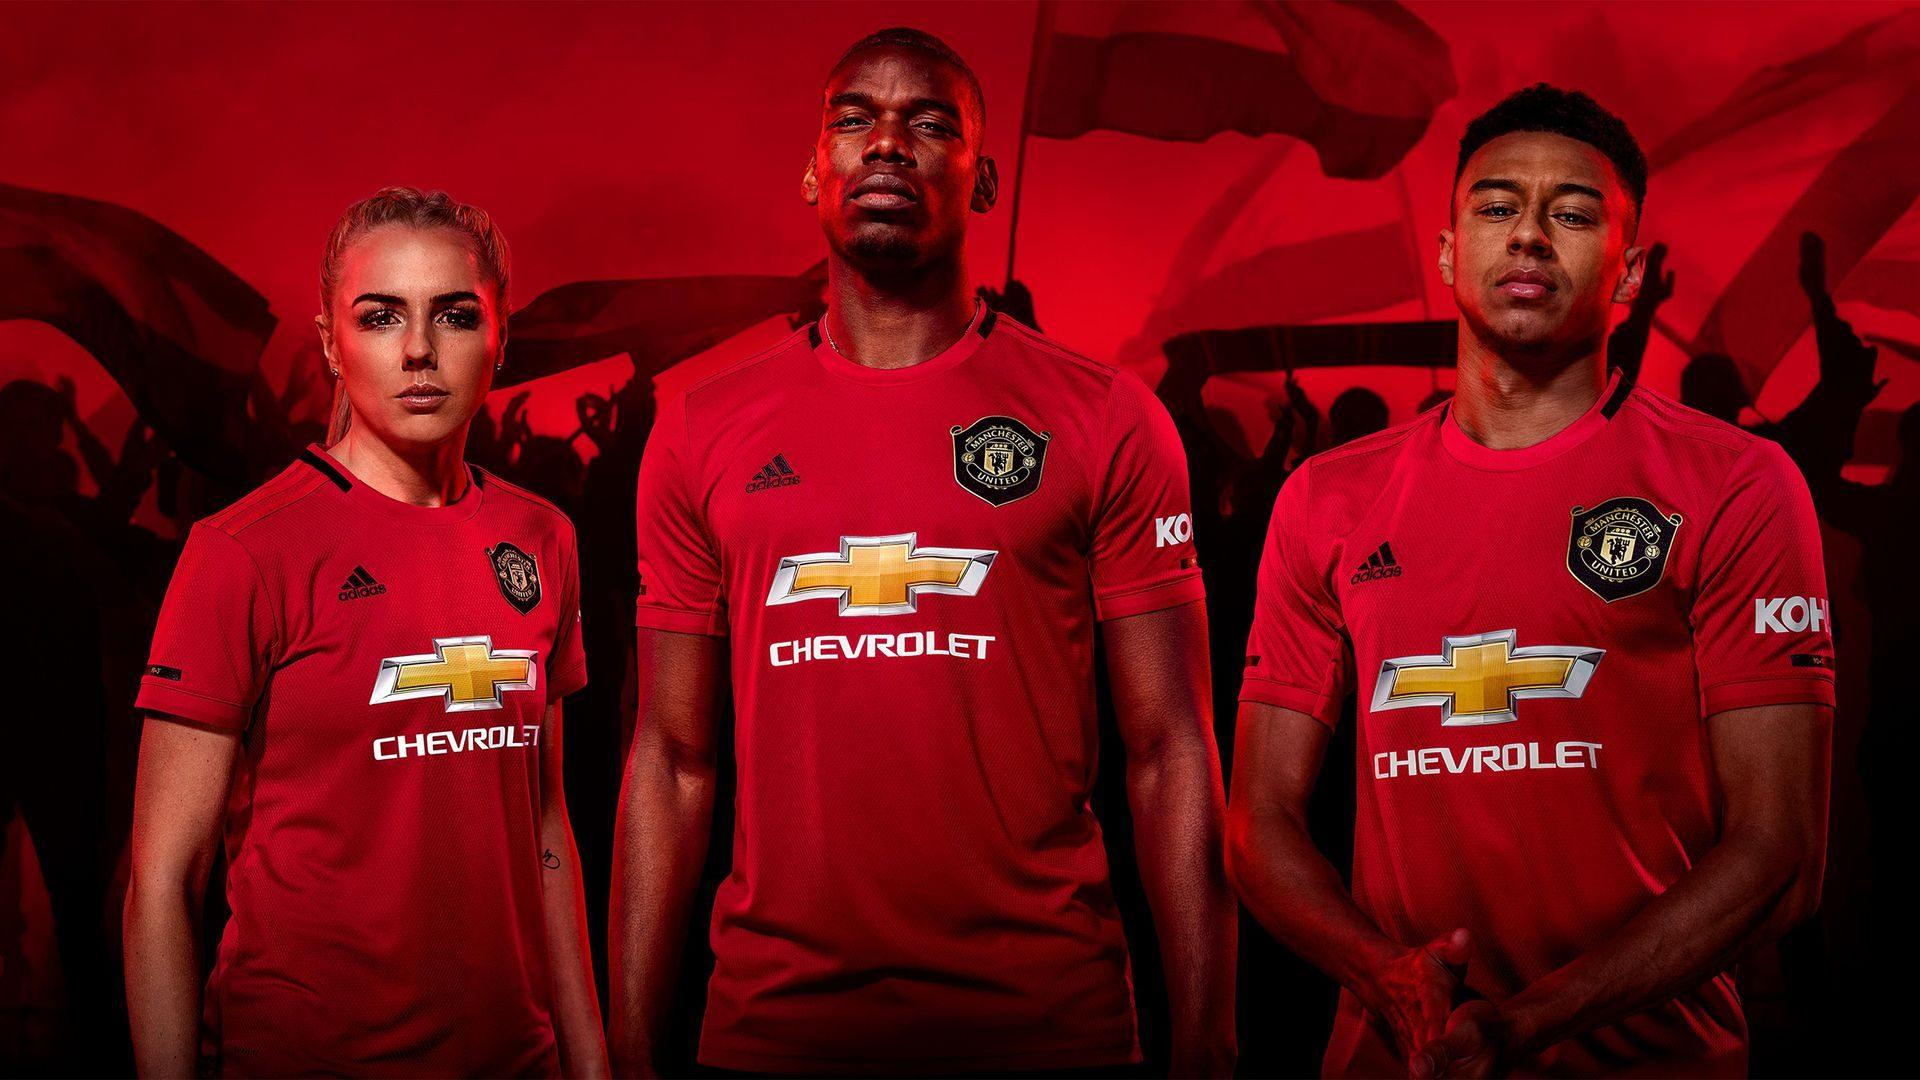 Manchester United 2019/20 Kit